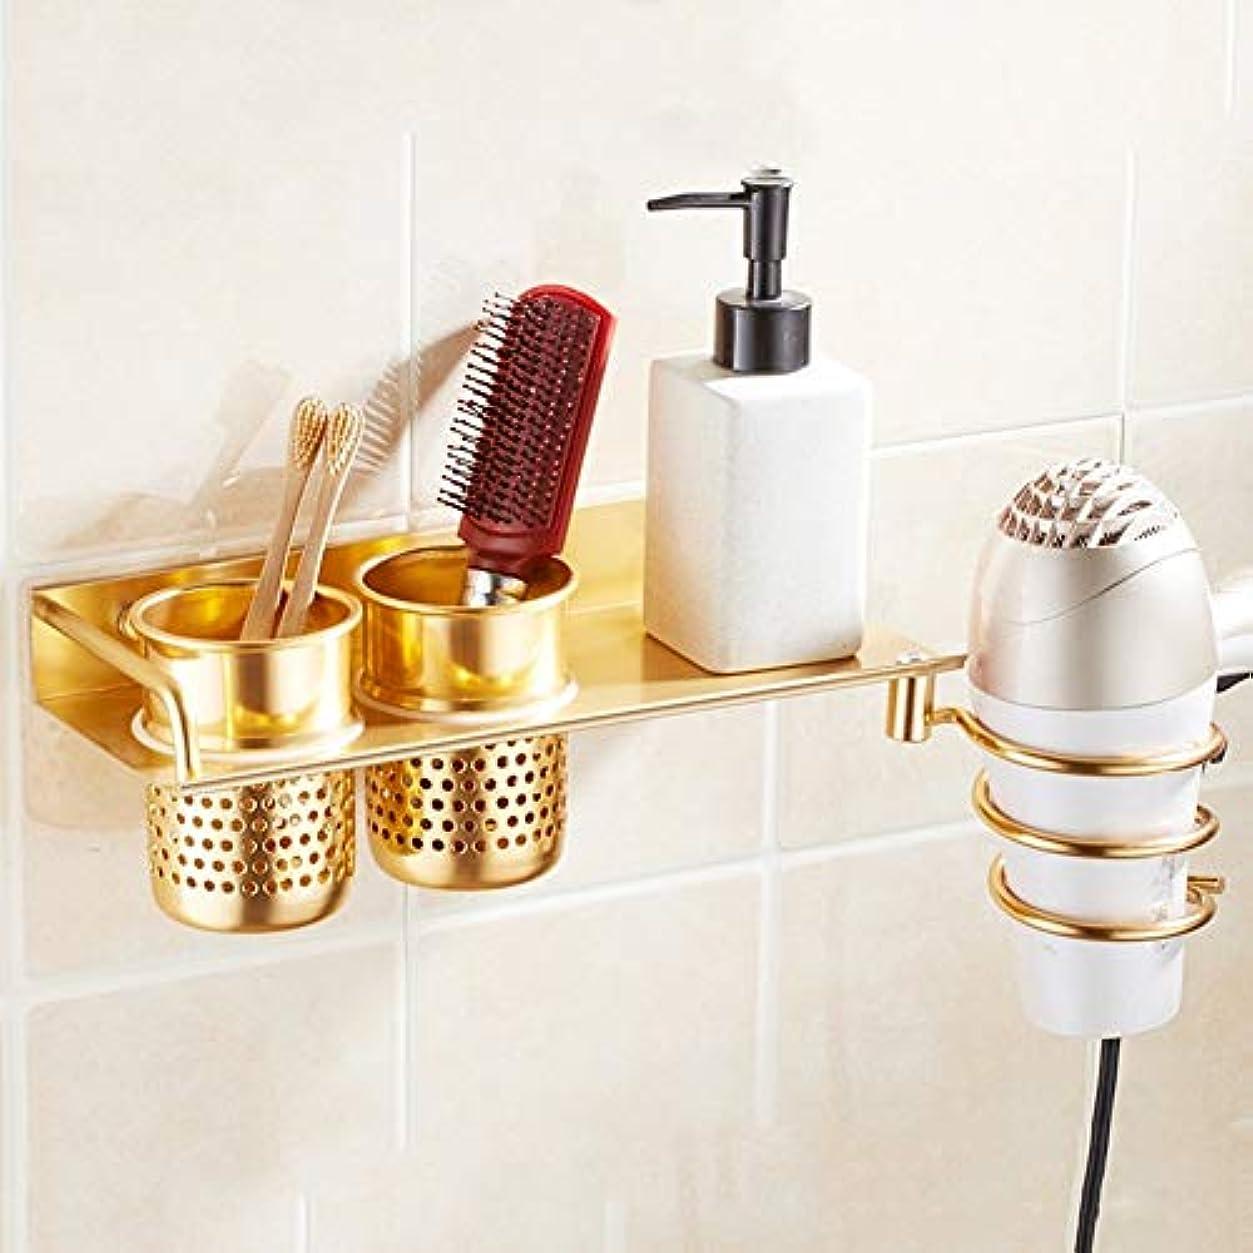 露きょうだいあいさつ浴室用棚洗面所シャワー壁掛けコーナーヘアドライヤーダクトラックサクションウォールアルミ ステンレス多機能ラック (色 : Gold)